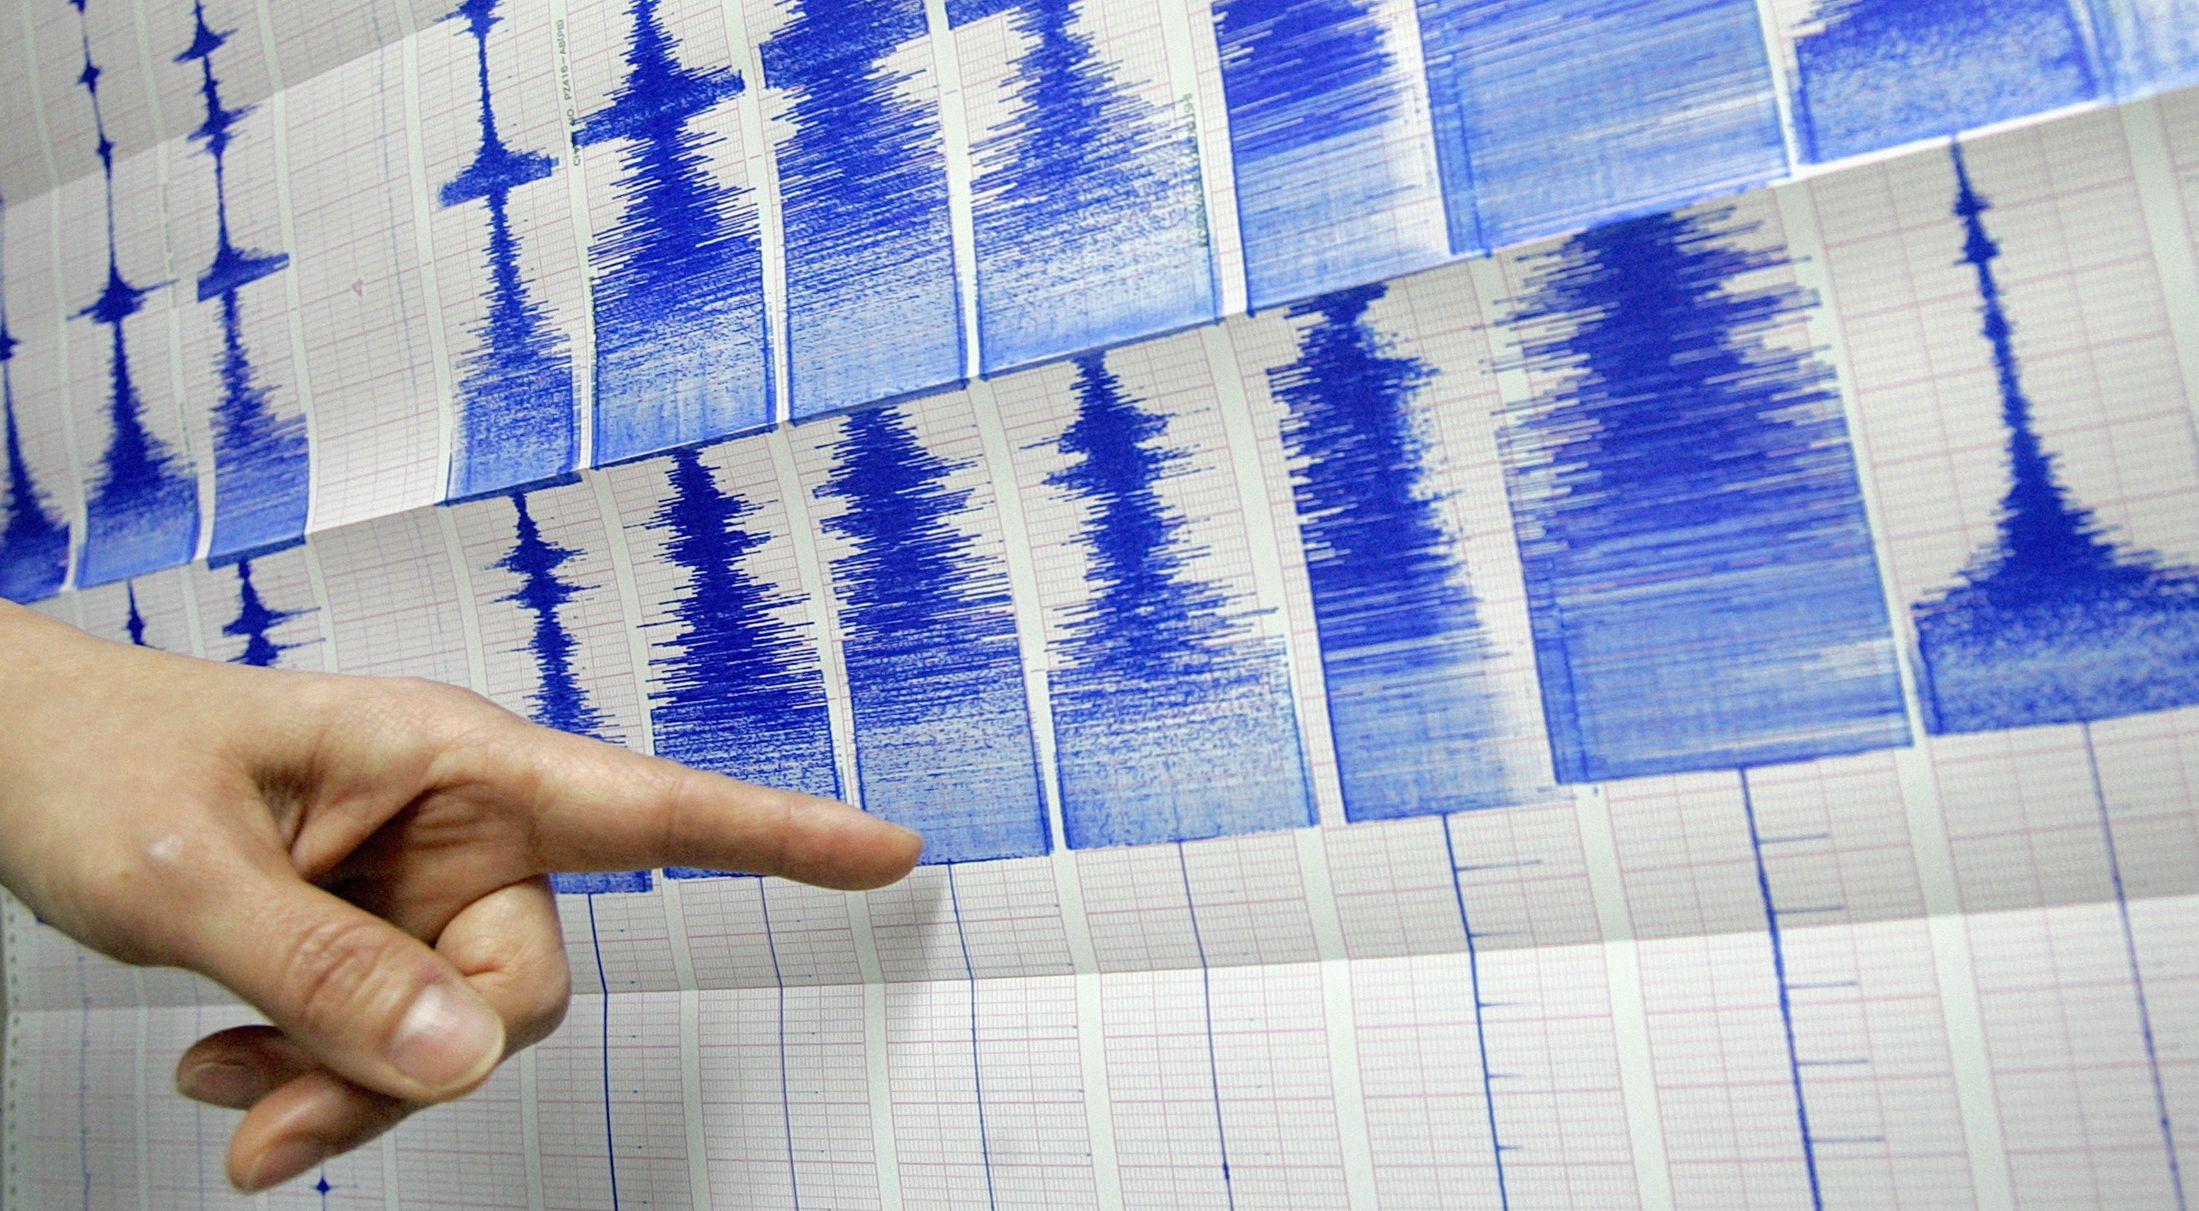 وقوع زلزله ۵.۷ریشتری در آذربایجان غربی